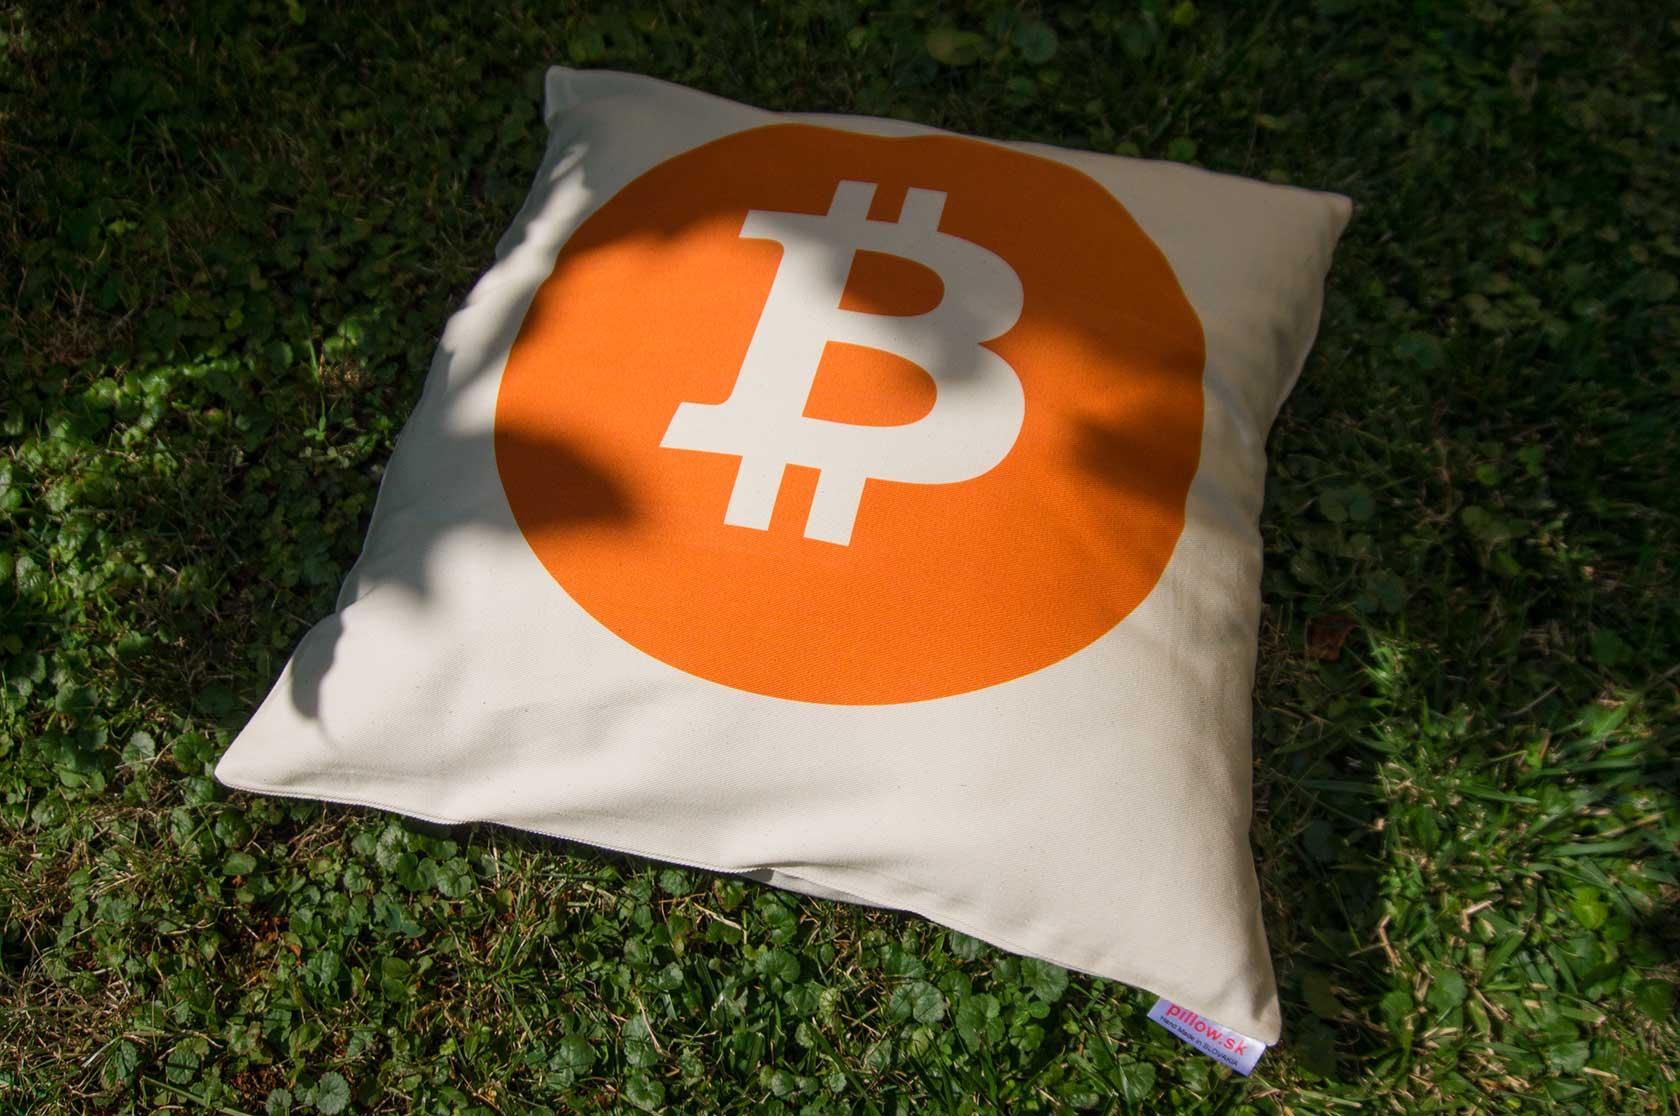 Vankúš s logom Bitcoin - kvalitná bavlna a ručná práca